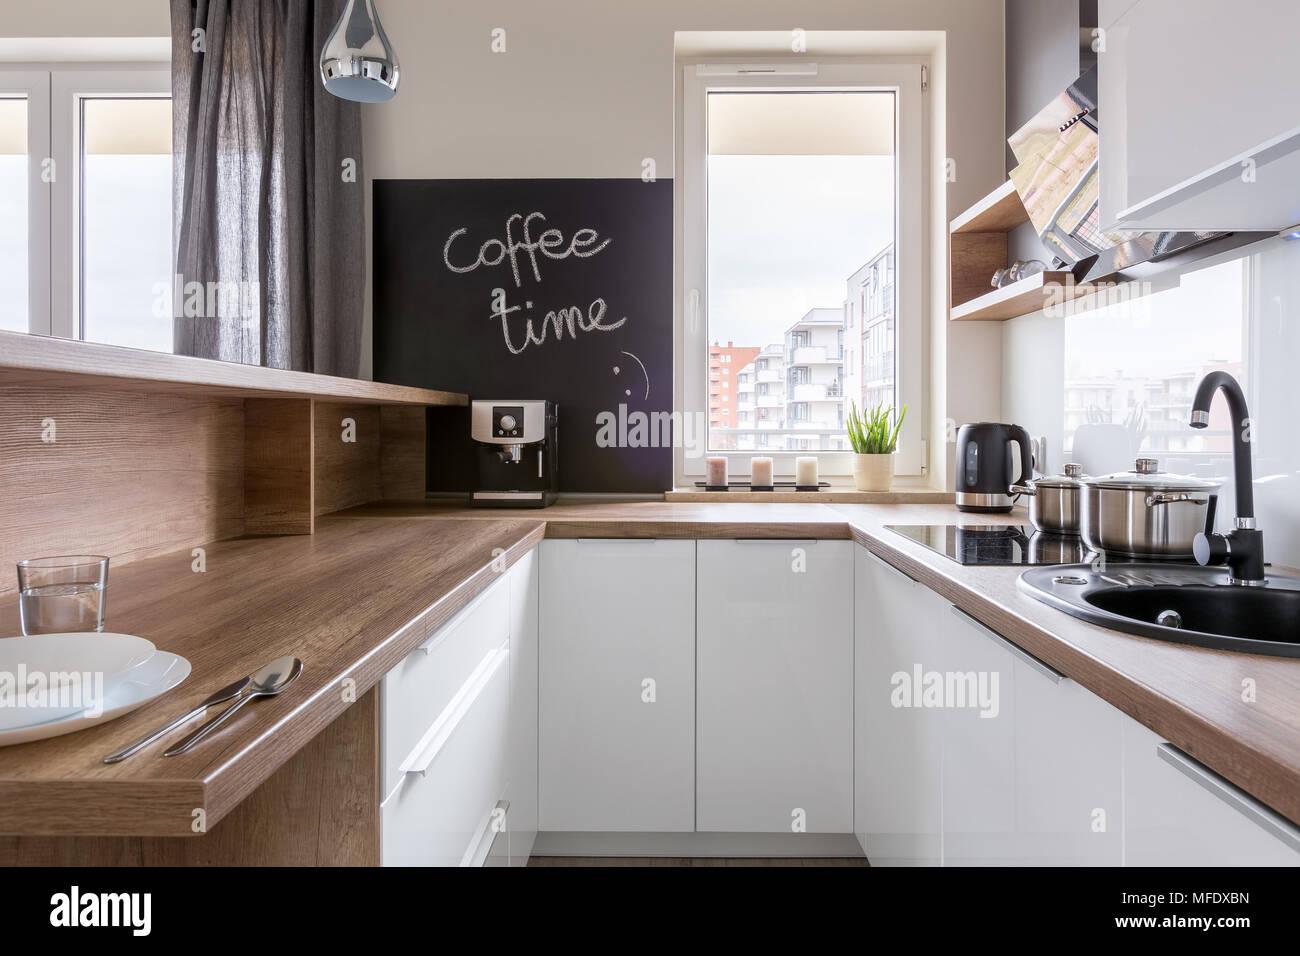 Cucine Con Bancone In Legno : Cucina con bancone in legno bianco armadi e lavagna foto